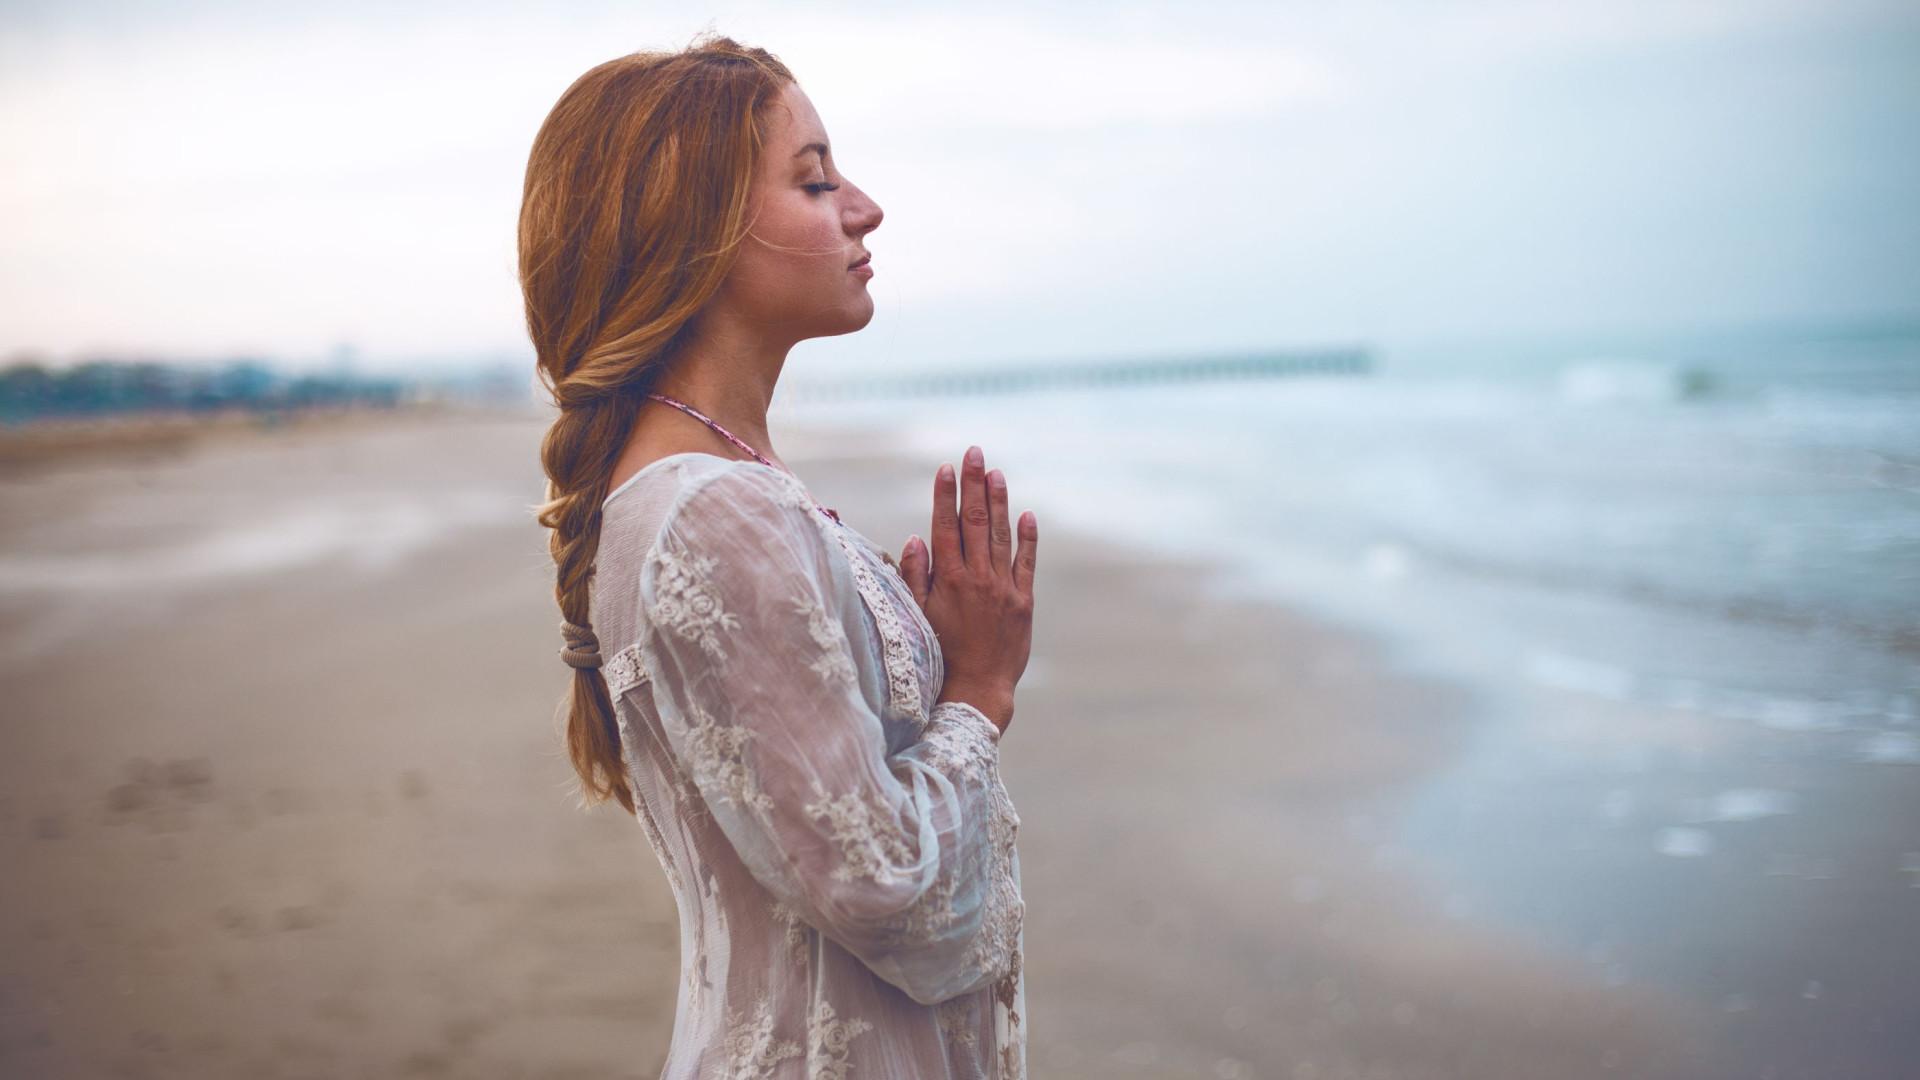 Estudo aponta relação entre religião e longevidade